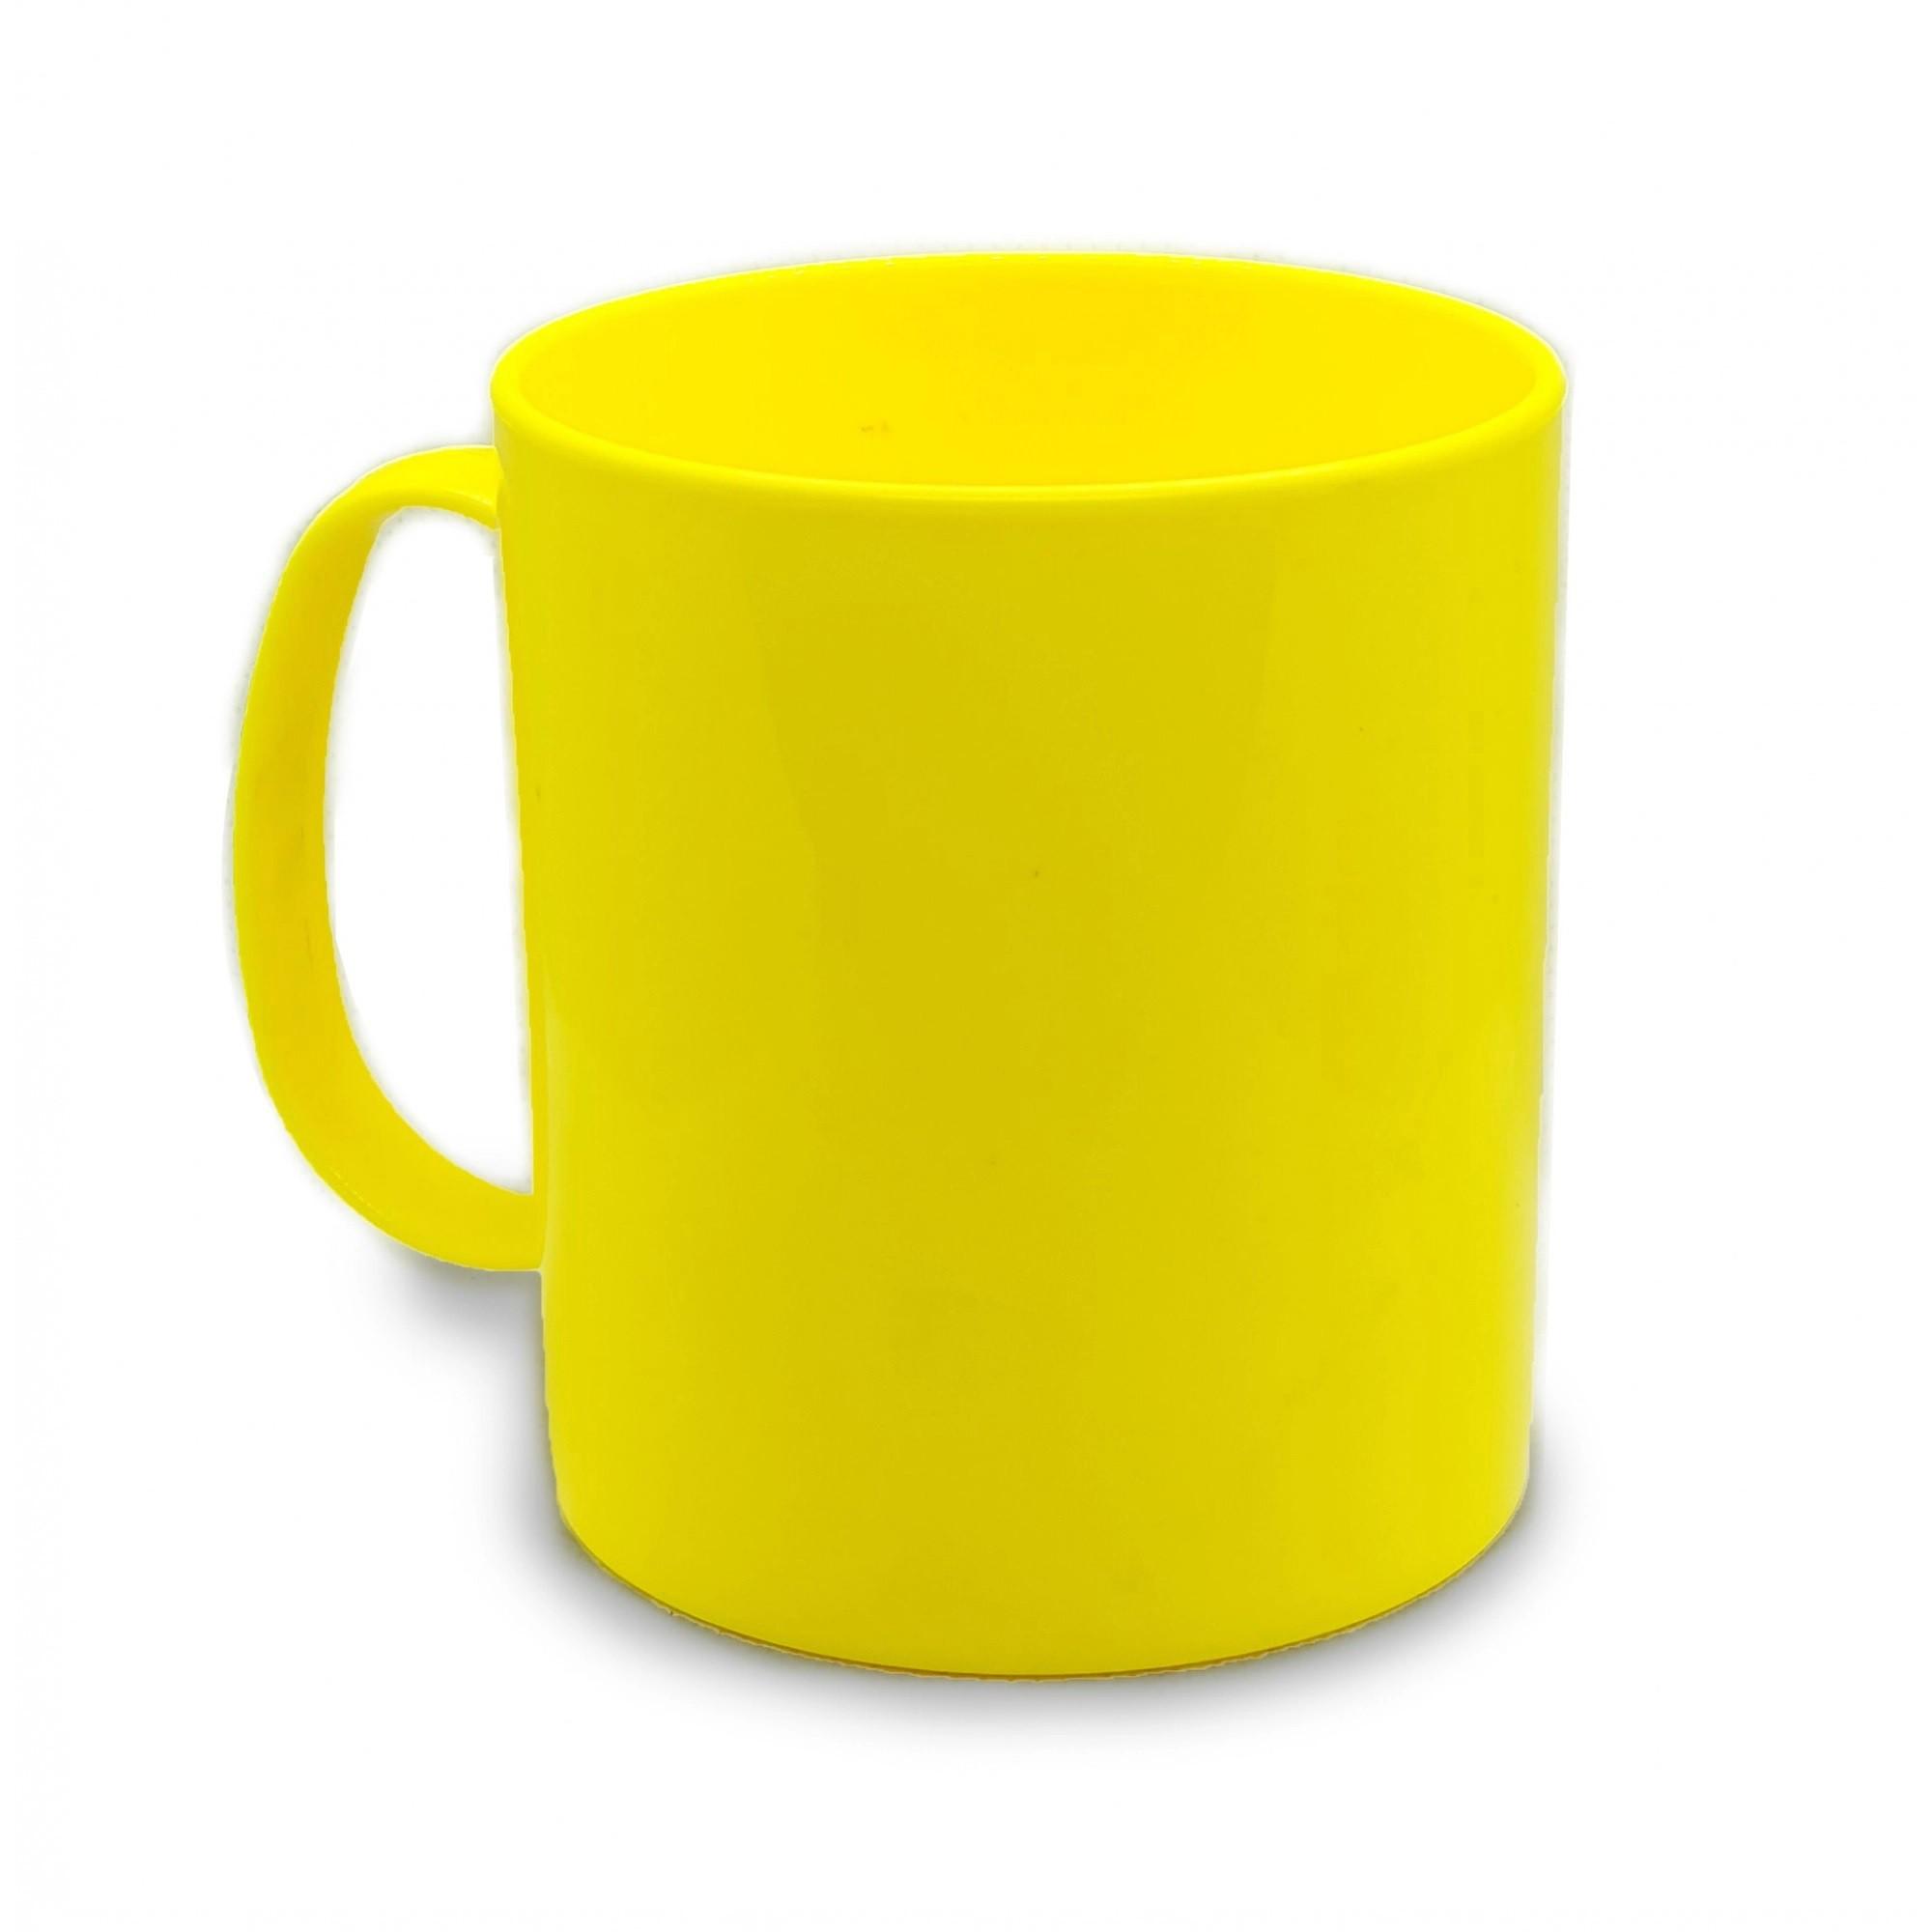 Caneca de polímero 350ml Amarelo Limão - 12 unidades  - ECONOMIZOU